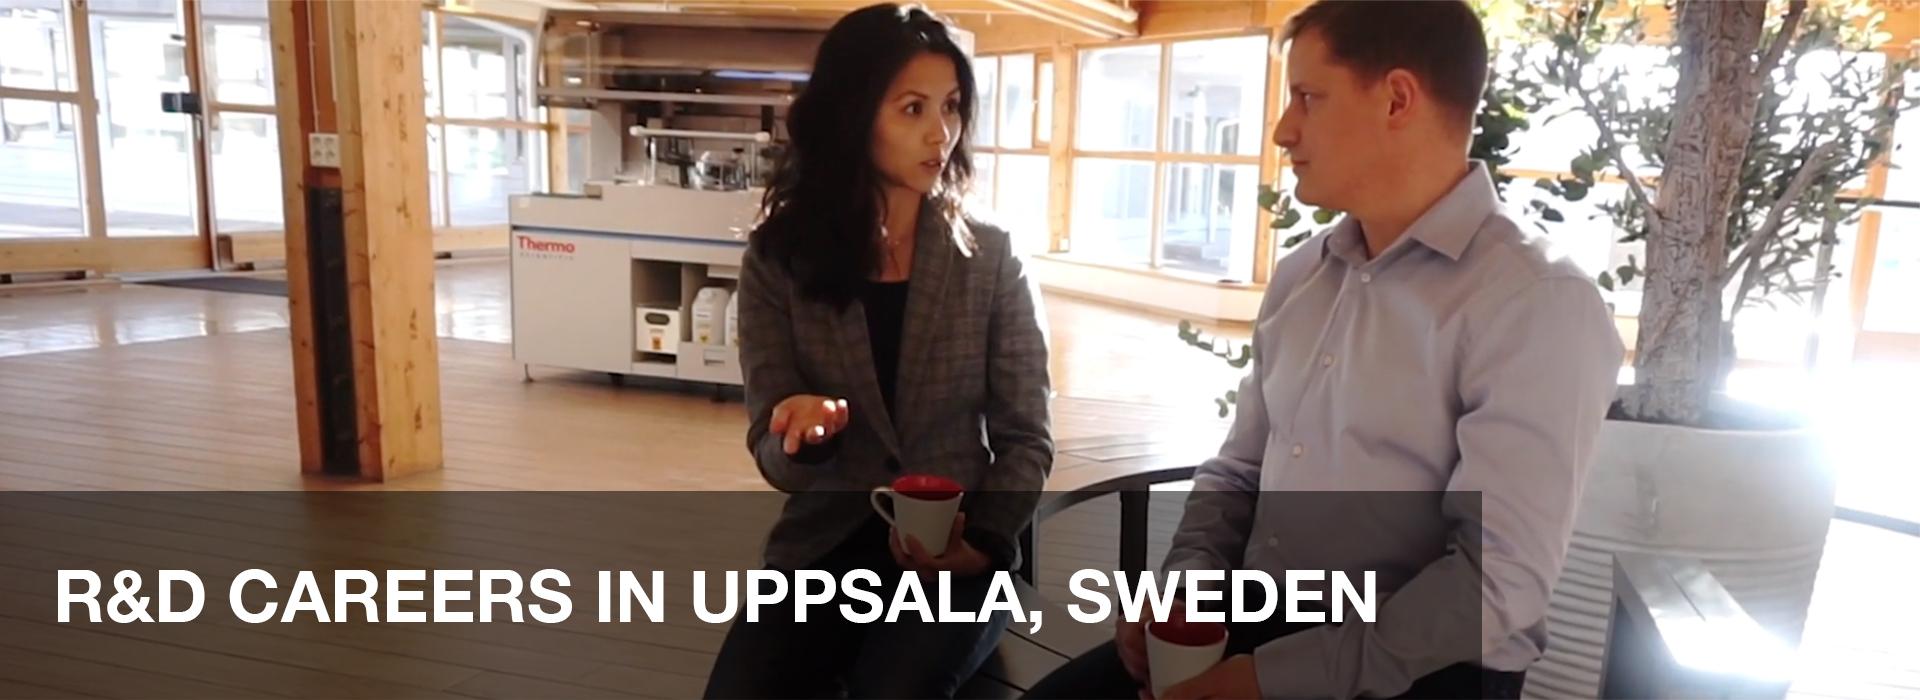 スウェーデン、ウプサラの研究開発部門の求人